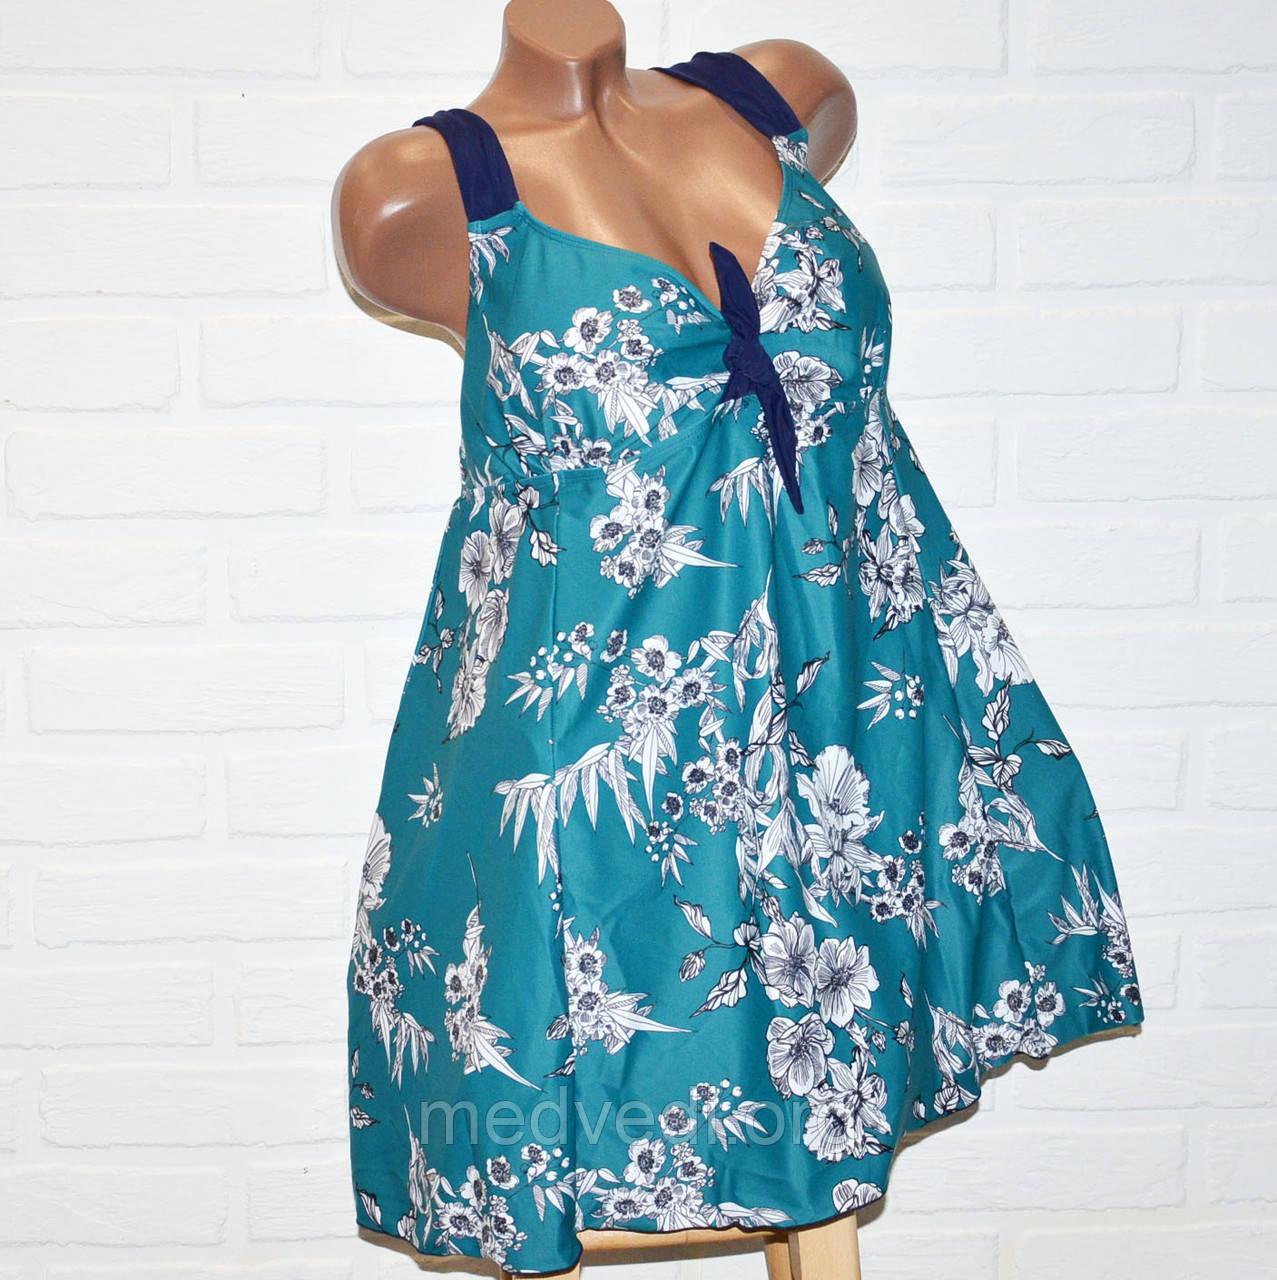 Зеленый купальник платье 72 размер, отличное качество, полномерный